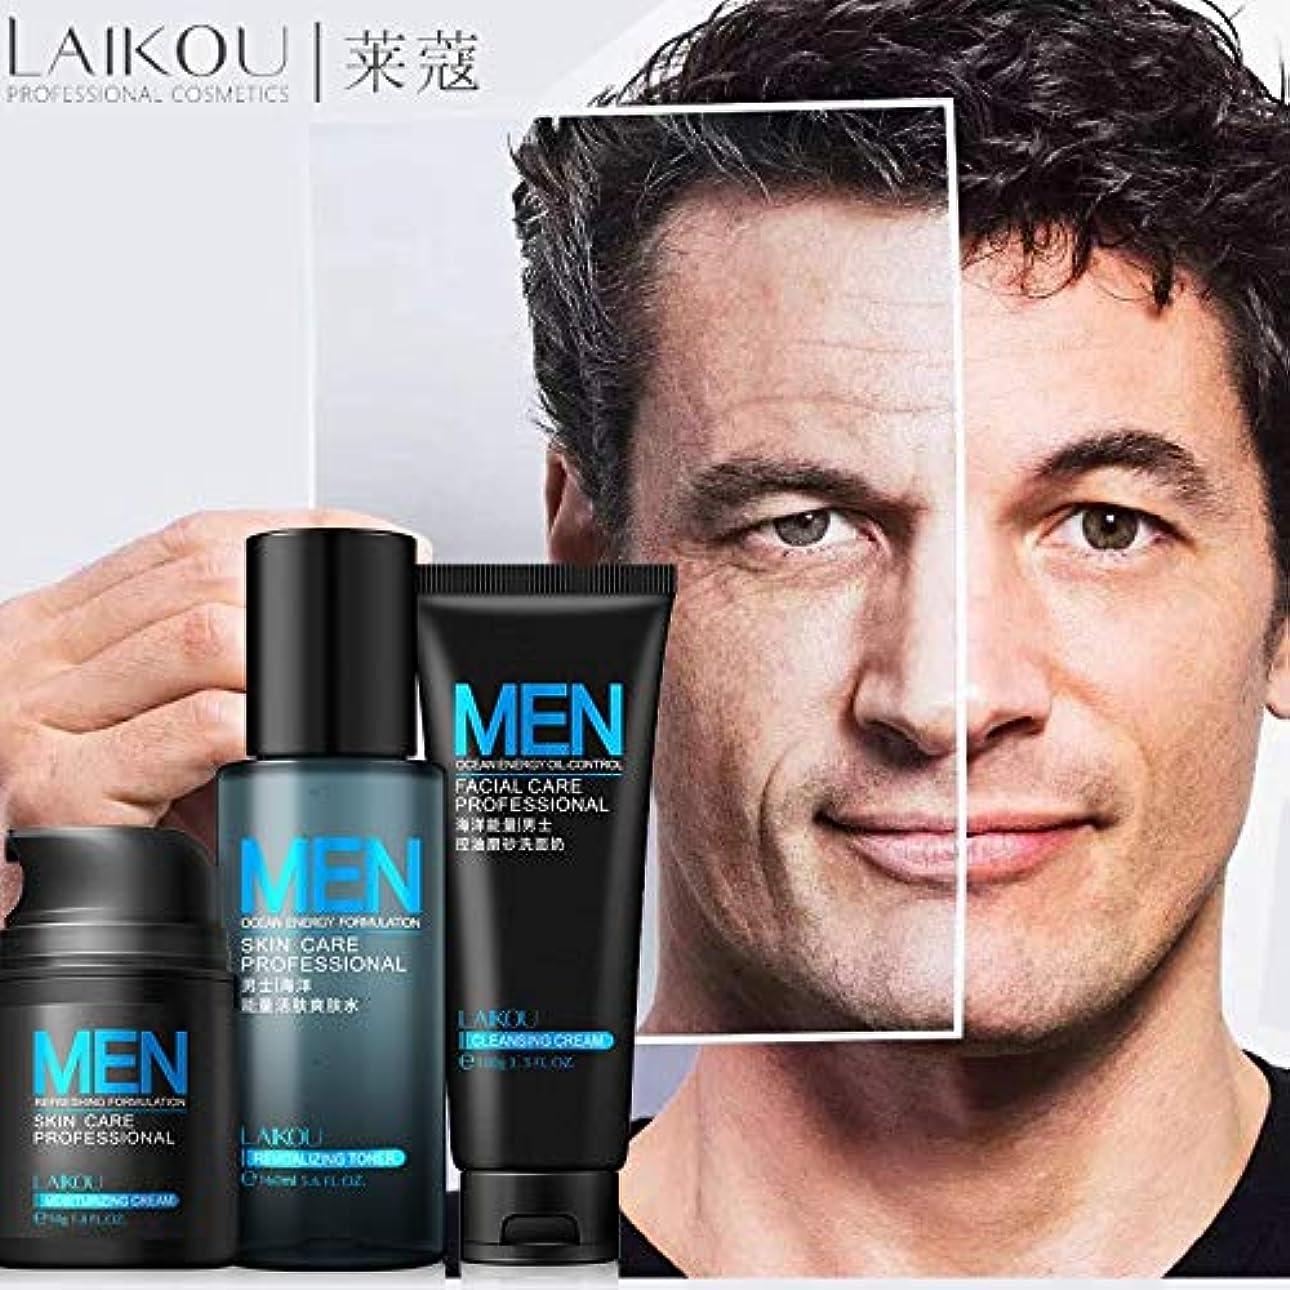 ディレクトリパケット線形男性3枚Clserトナークリーム保湿オイルコントロールの毎日のケアセット毛穴アンチリンクル男性フェイスケアを縮小